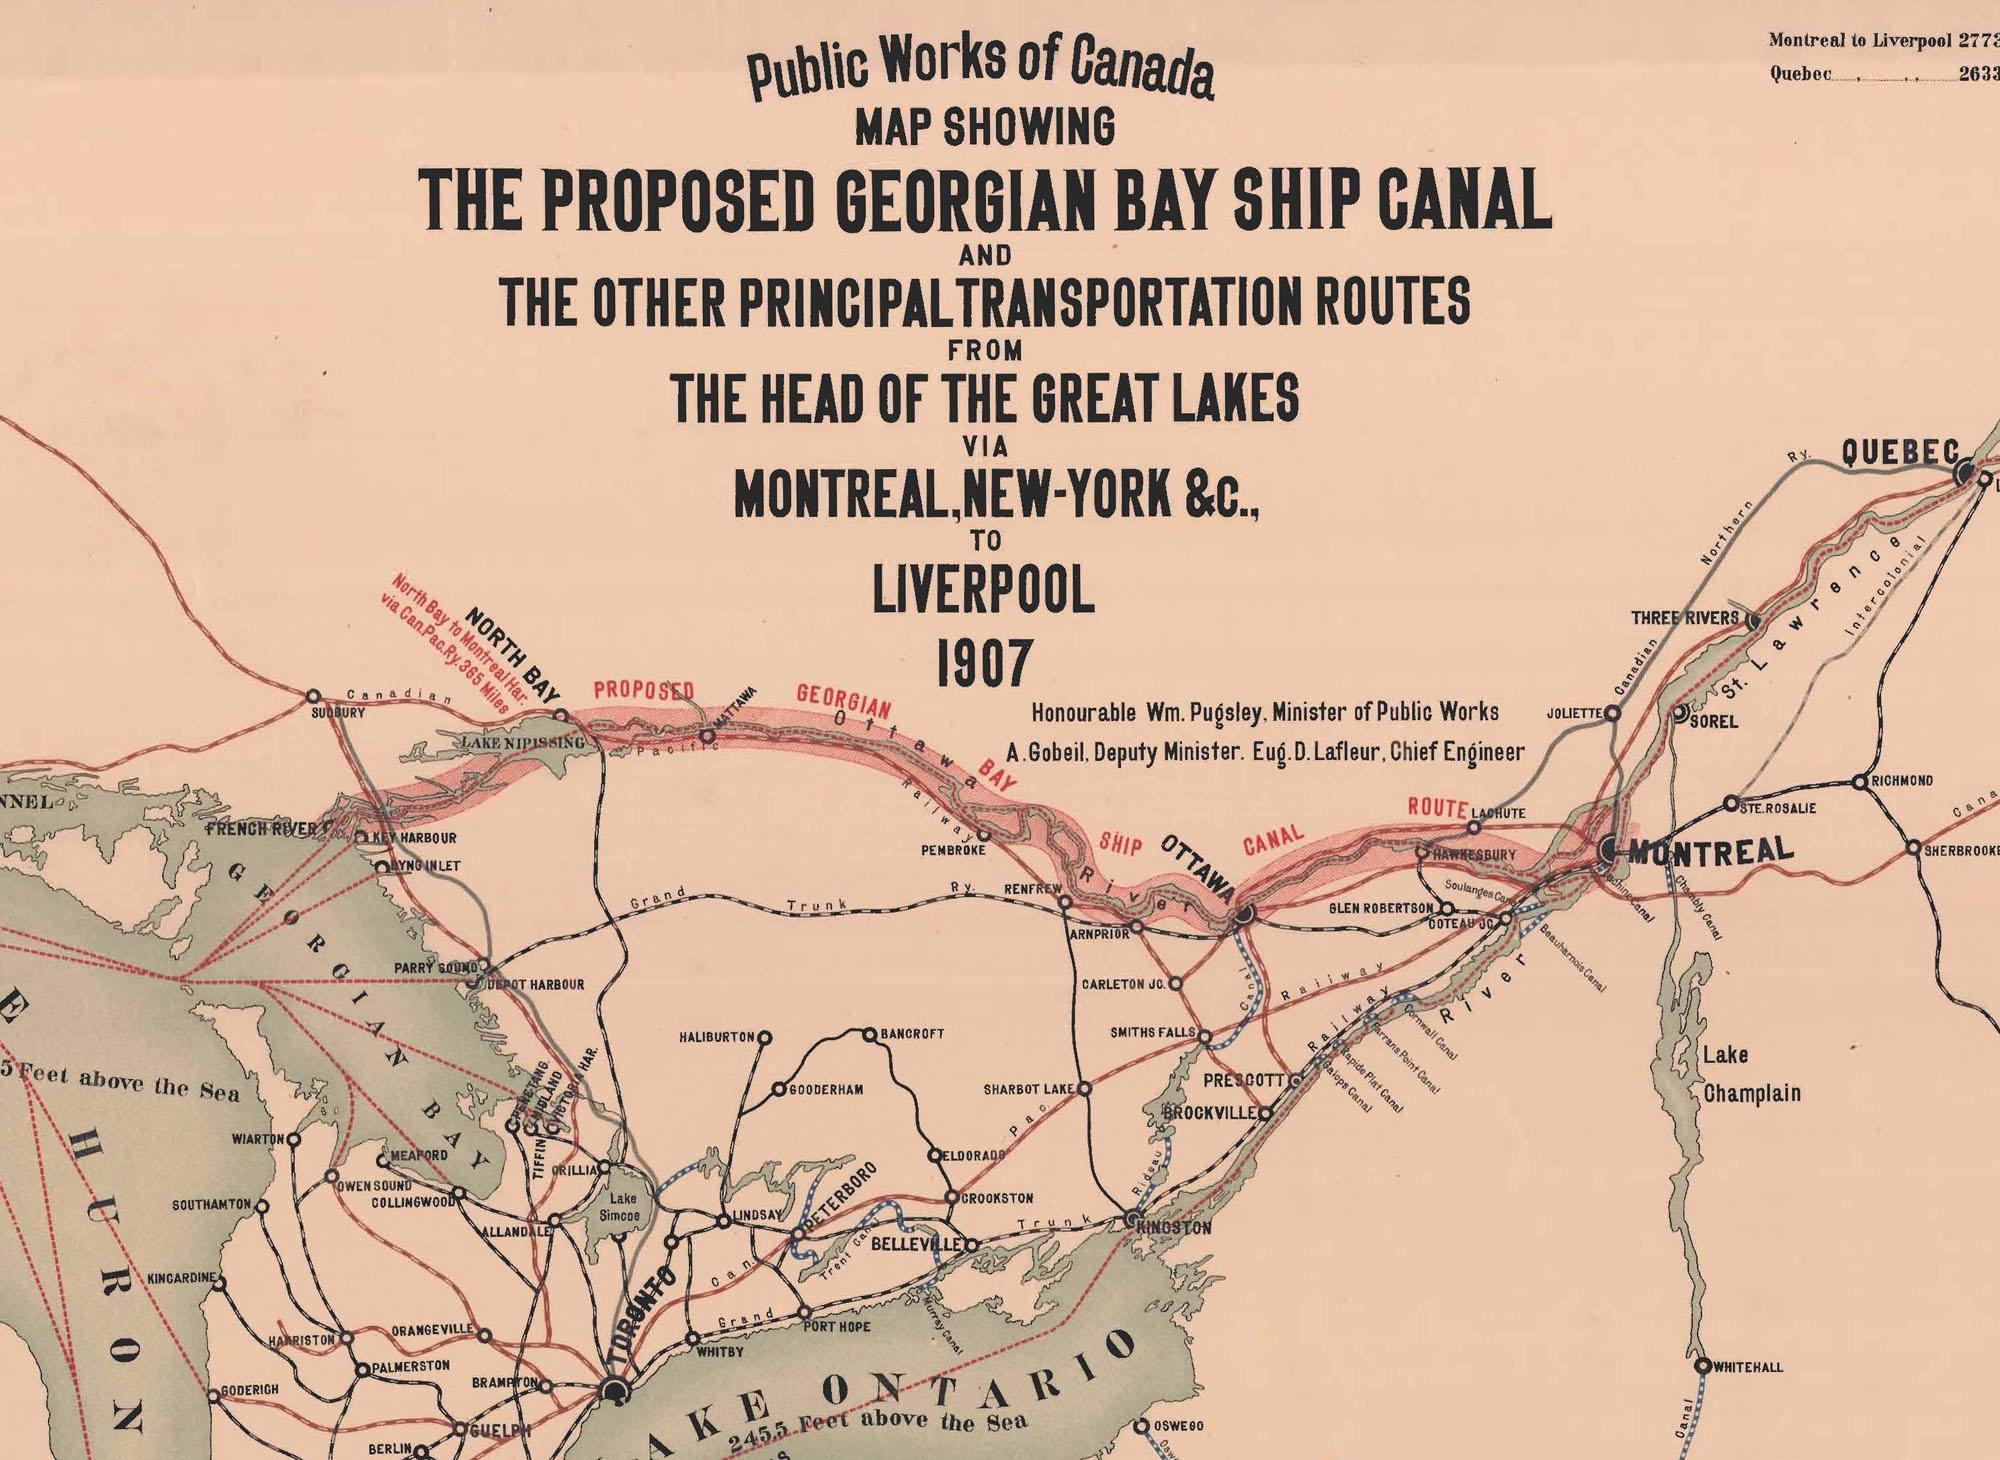 Cette carte présente le projet (non réalisé) de canal navigable entre la baie Georgienne, au nord-est du lac Huron, et la ville de Montréal.